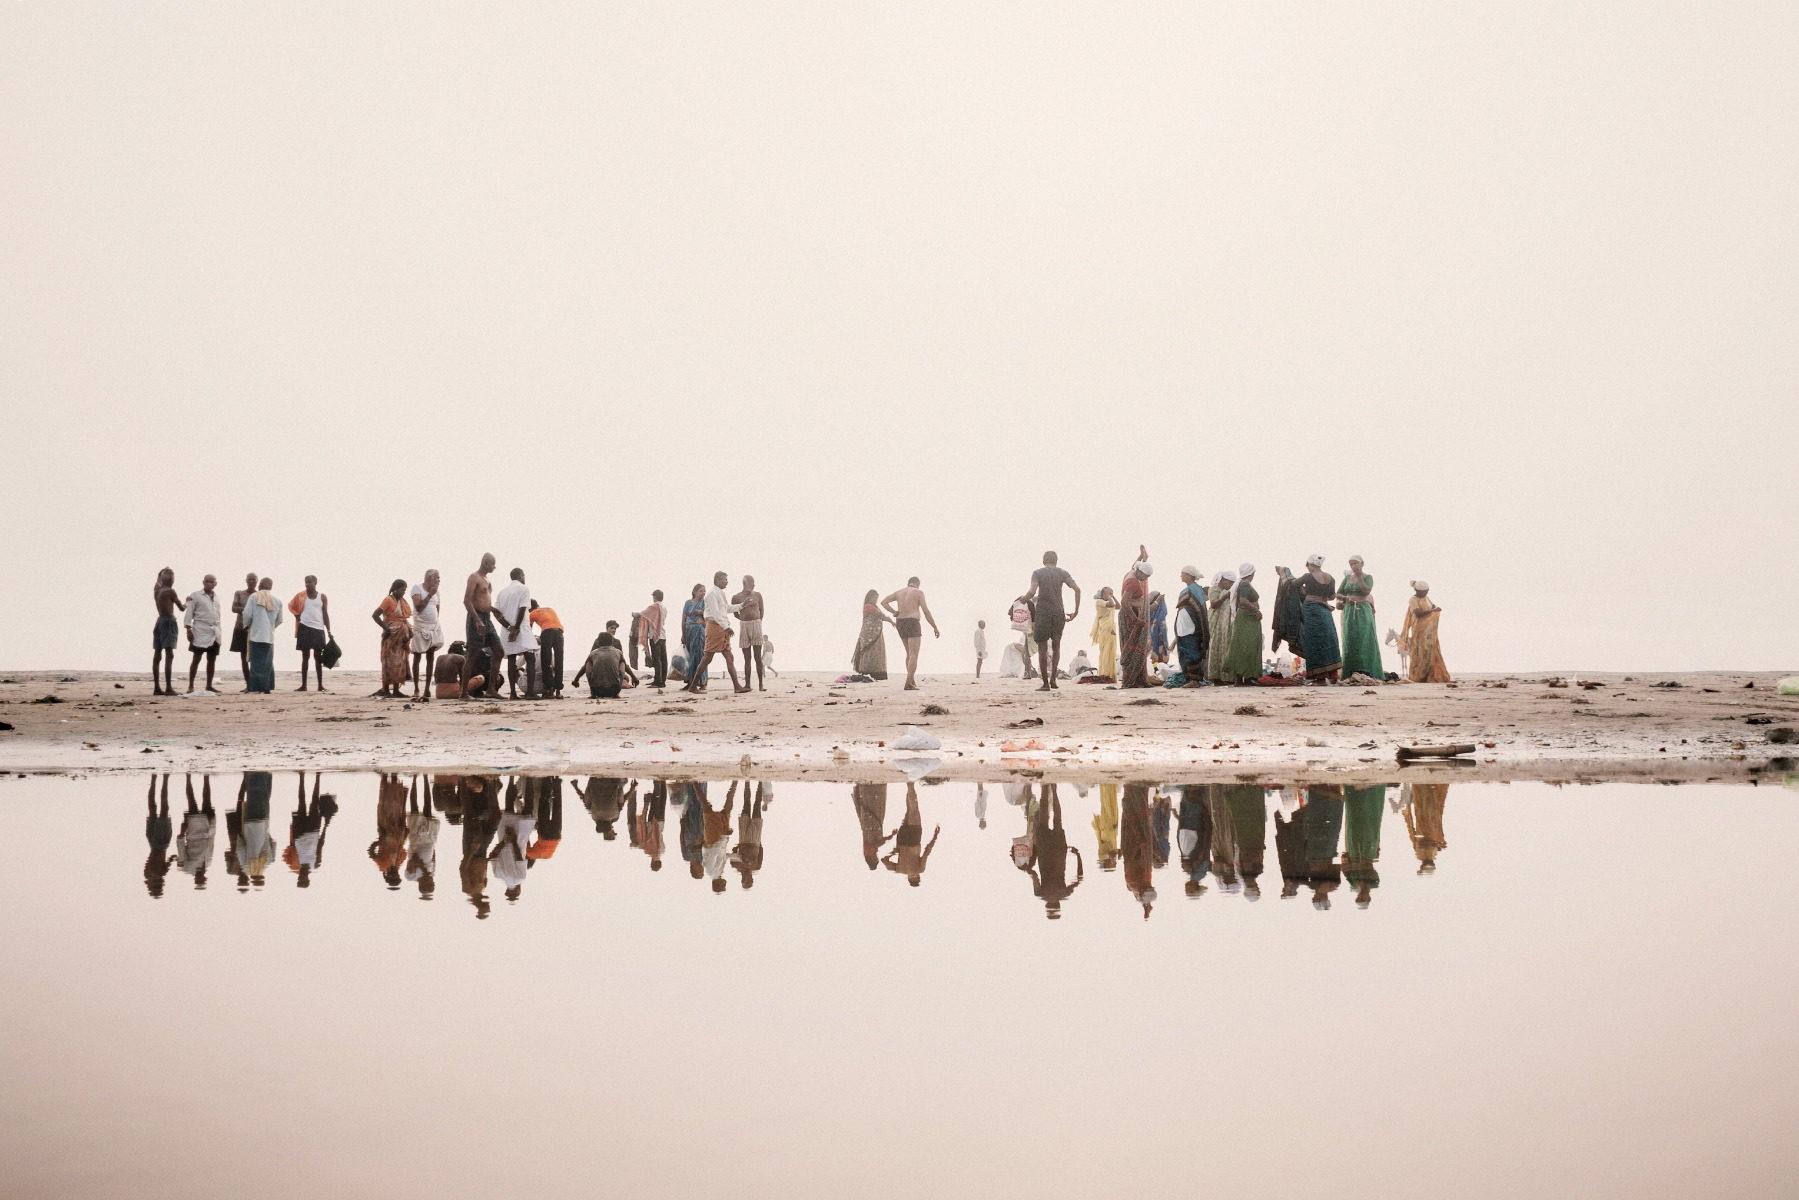 © Giulio Di Sturco